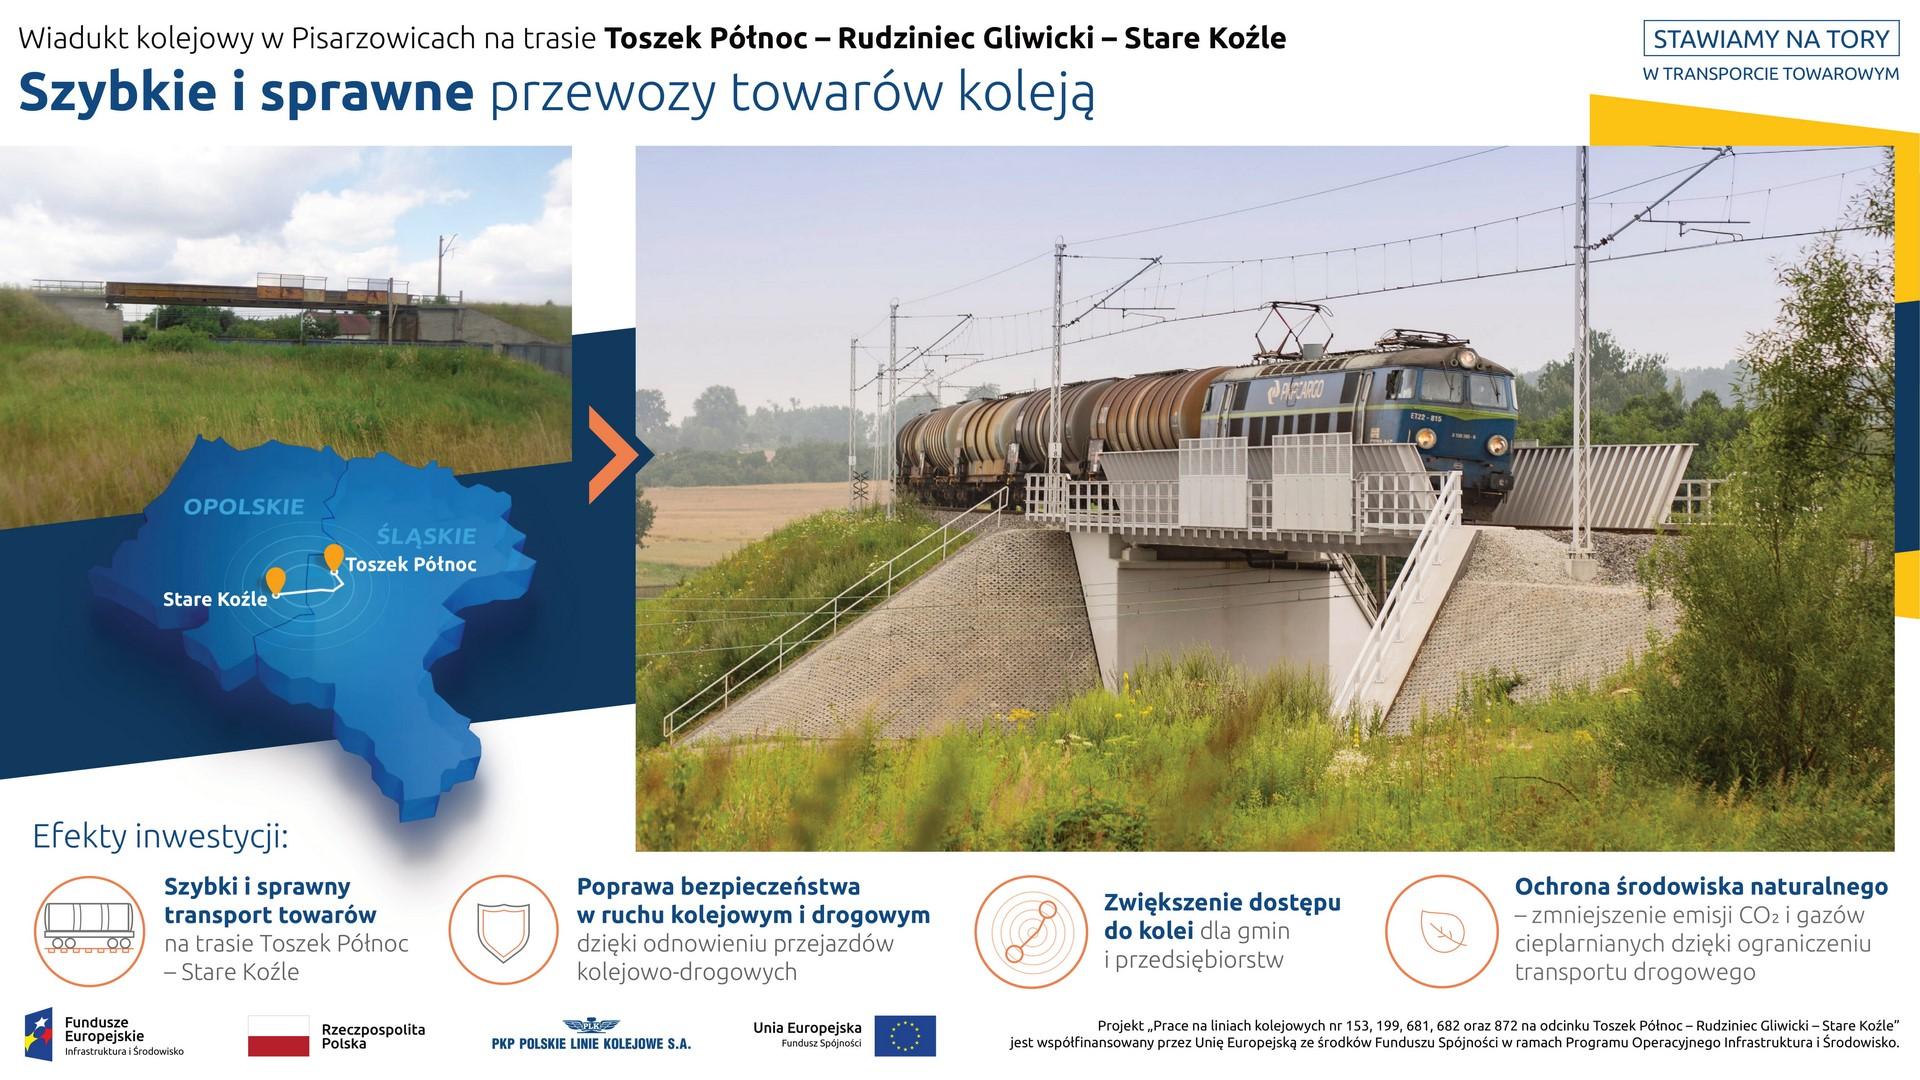 Na infografice prezentowane są dwa zdjęcia. Na pierwszym, mniejszym, z lewej strony, widnieje wiadukt kolejowy w Pisarzowicach przed rozpoczęciem inwestycji. Pod fotografią znajduje się grafika – mapka z sąsiadującymi ze sobą województwami śląskim i opolskim oraz zaznaczoną trasą kolejową z Toszek Północ do Stare Koźle. Natomiast z prawej strony infografiki widnieje zdjęcie z wiaduktem kolejowym po jego przebudowie – nowy i większy – a na nim przejeżdżający pociąg towarowy. Pod niżej prezentowane są korzyści wynikające z realizacji projektu: szybki i sprawny transport towarów, poprawa bezpieczeństwa w ruchu kolejowym i drogowym, zwiększenie dostępu do kolei oraz ochrona środowiska naturalnego.